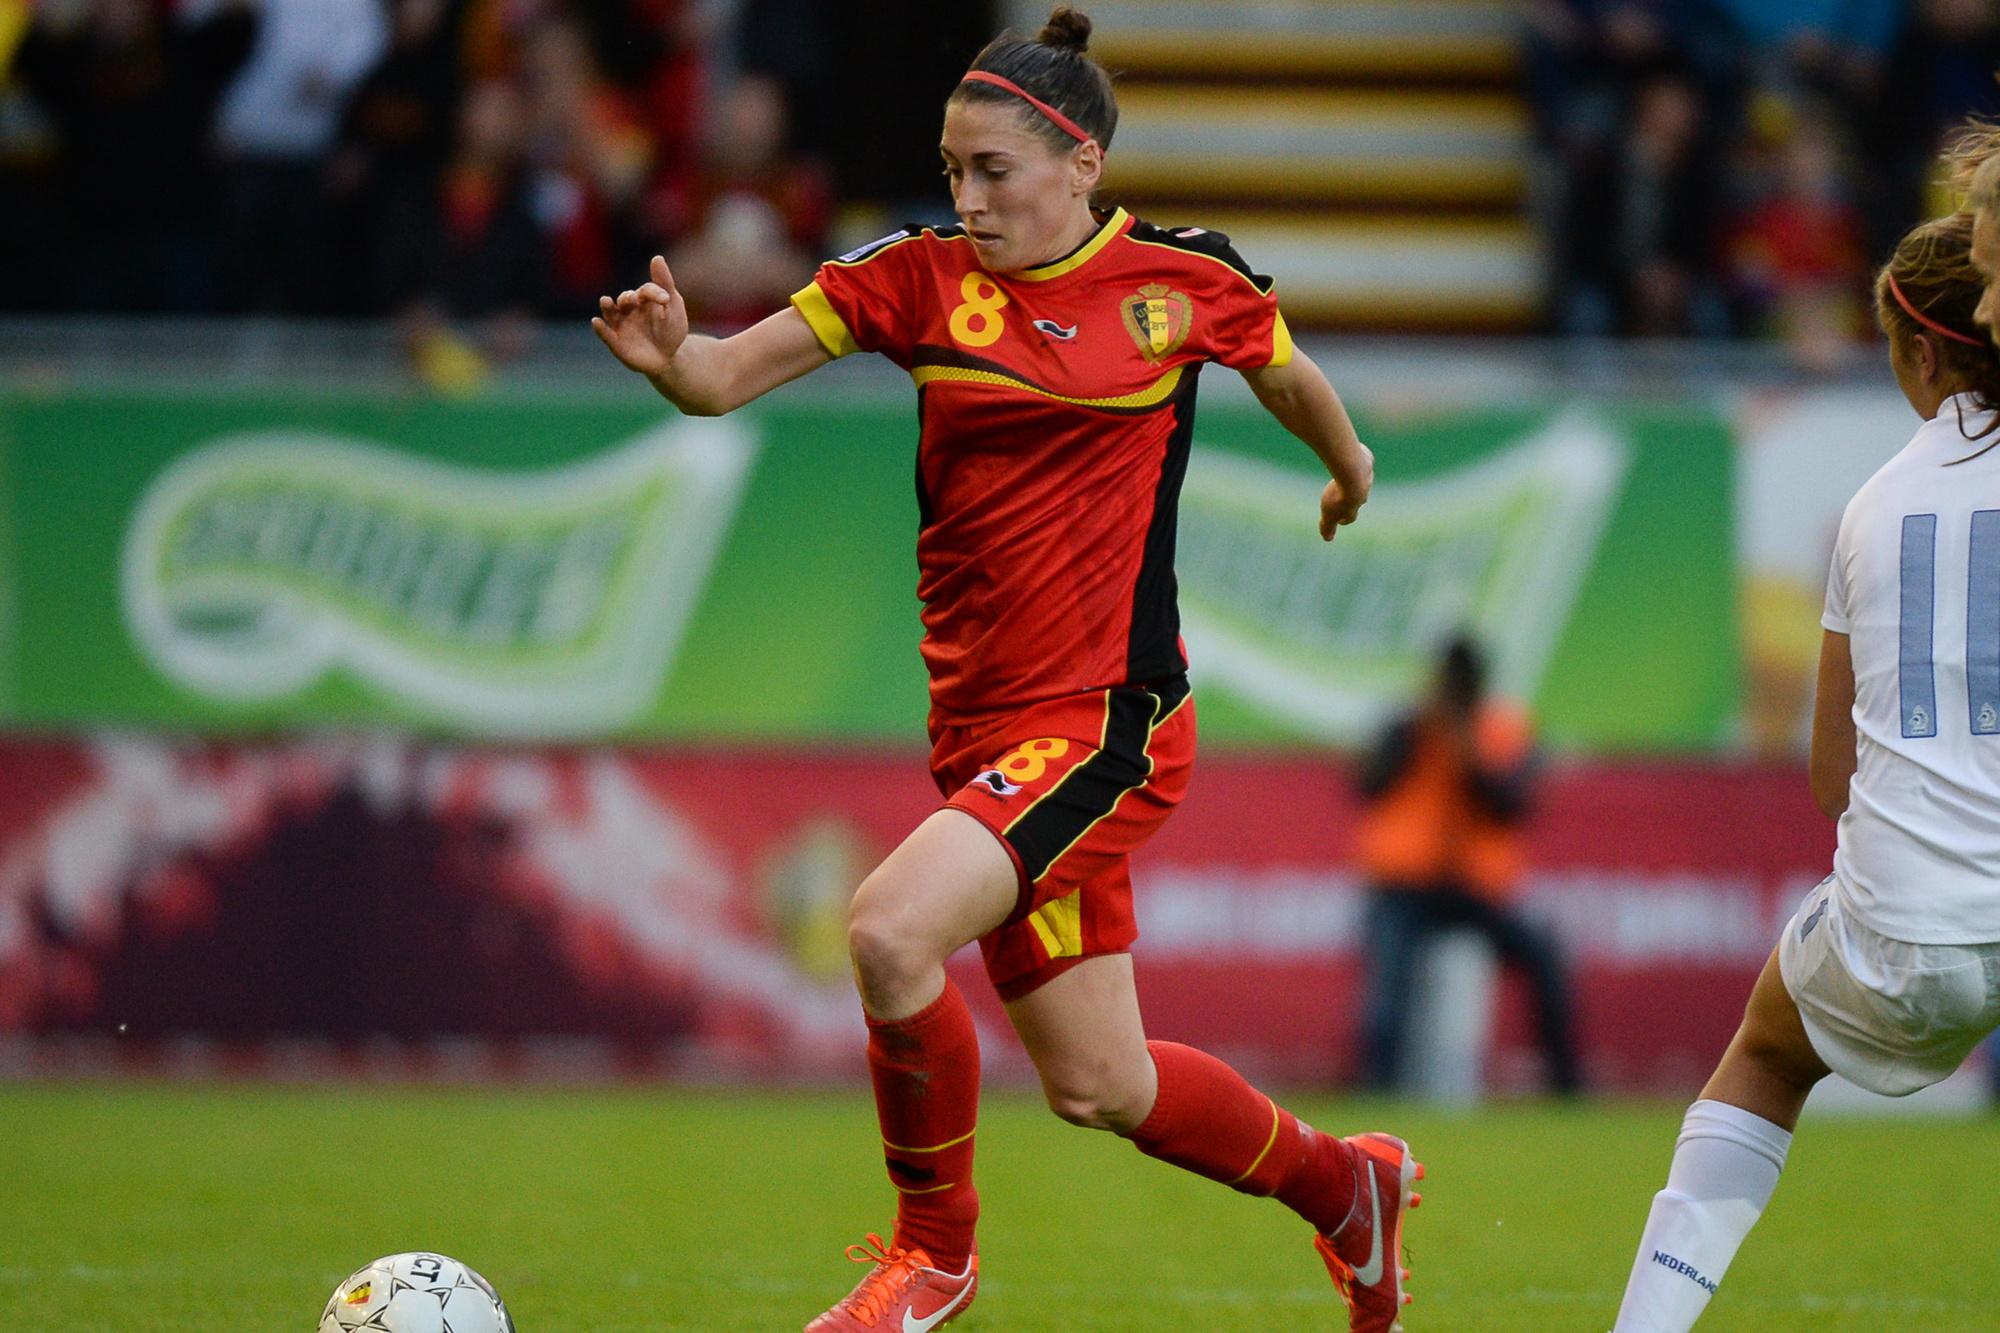 Audrey Demoustier, Belga Image